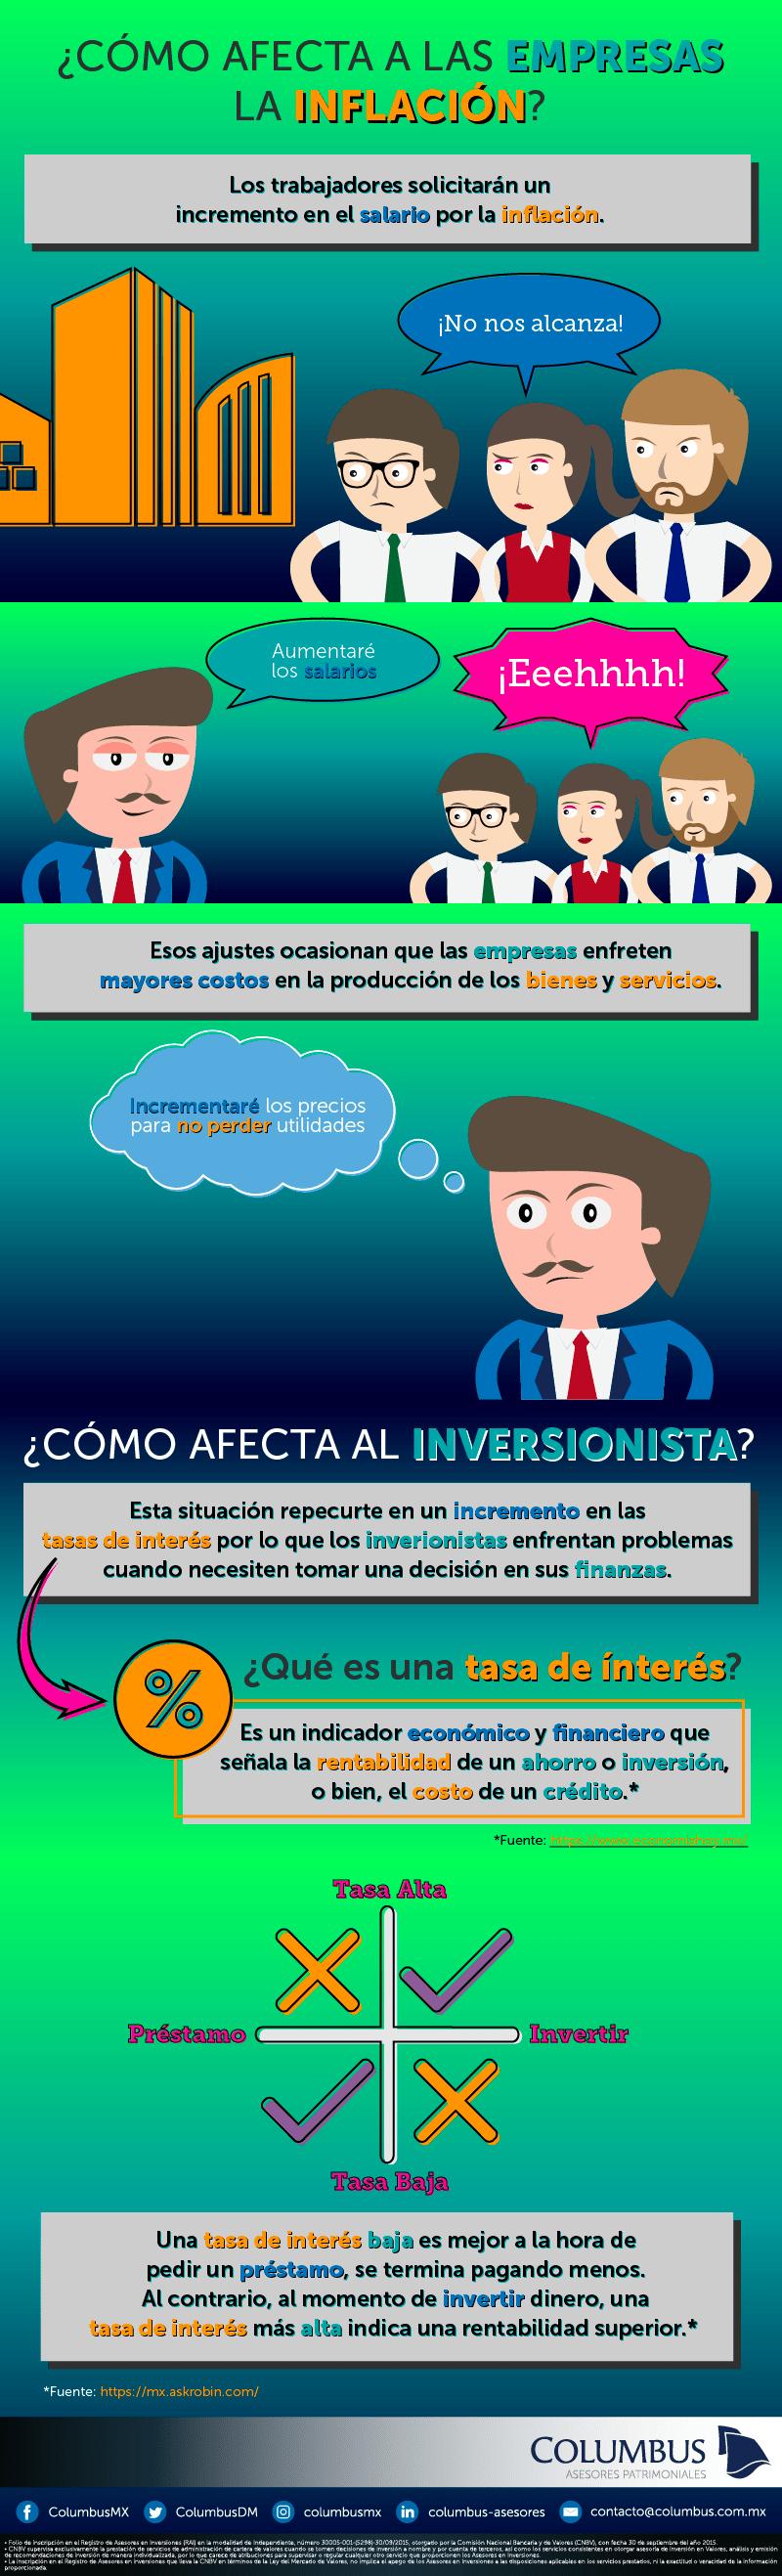 infografia como afecta la inflacion a las empresas y al inversionista